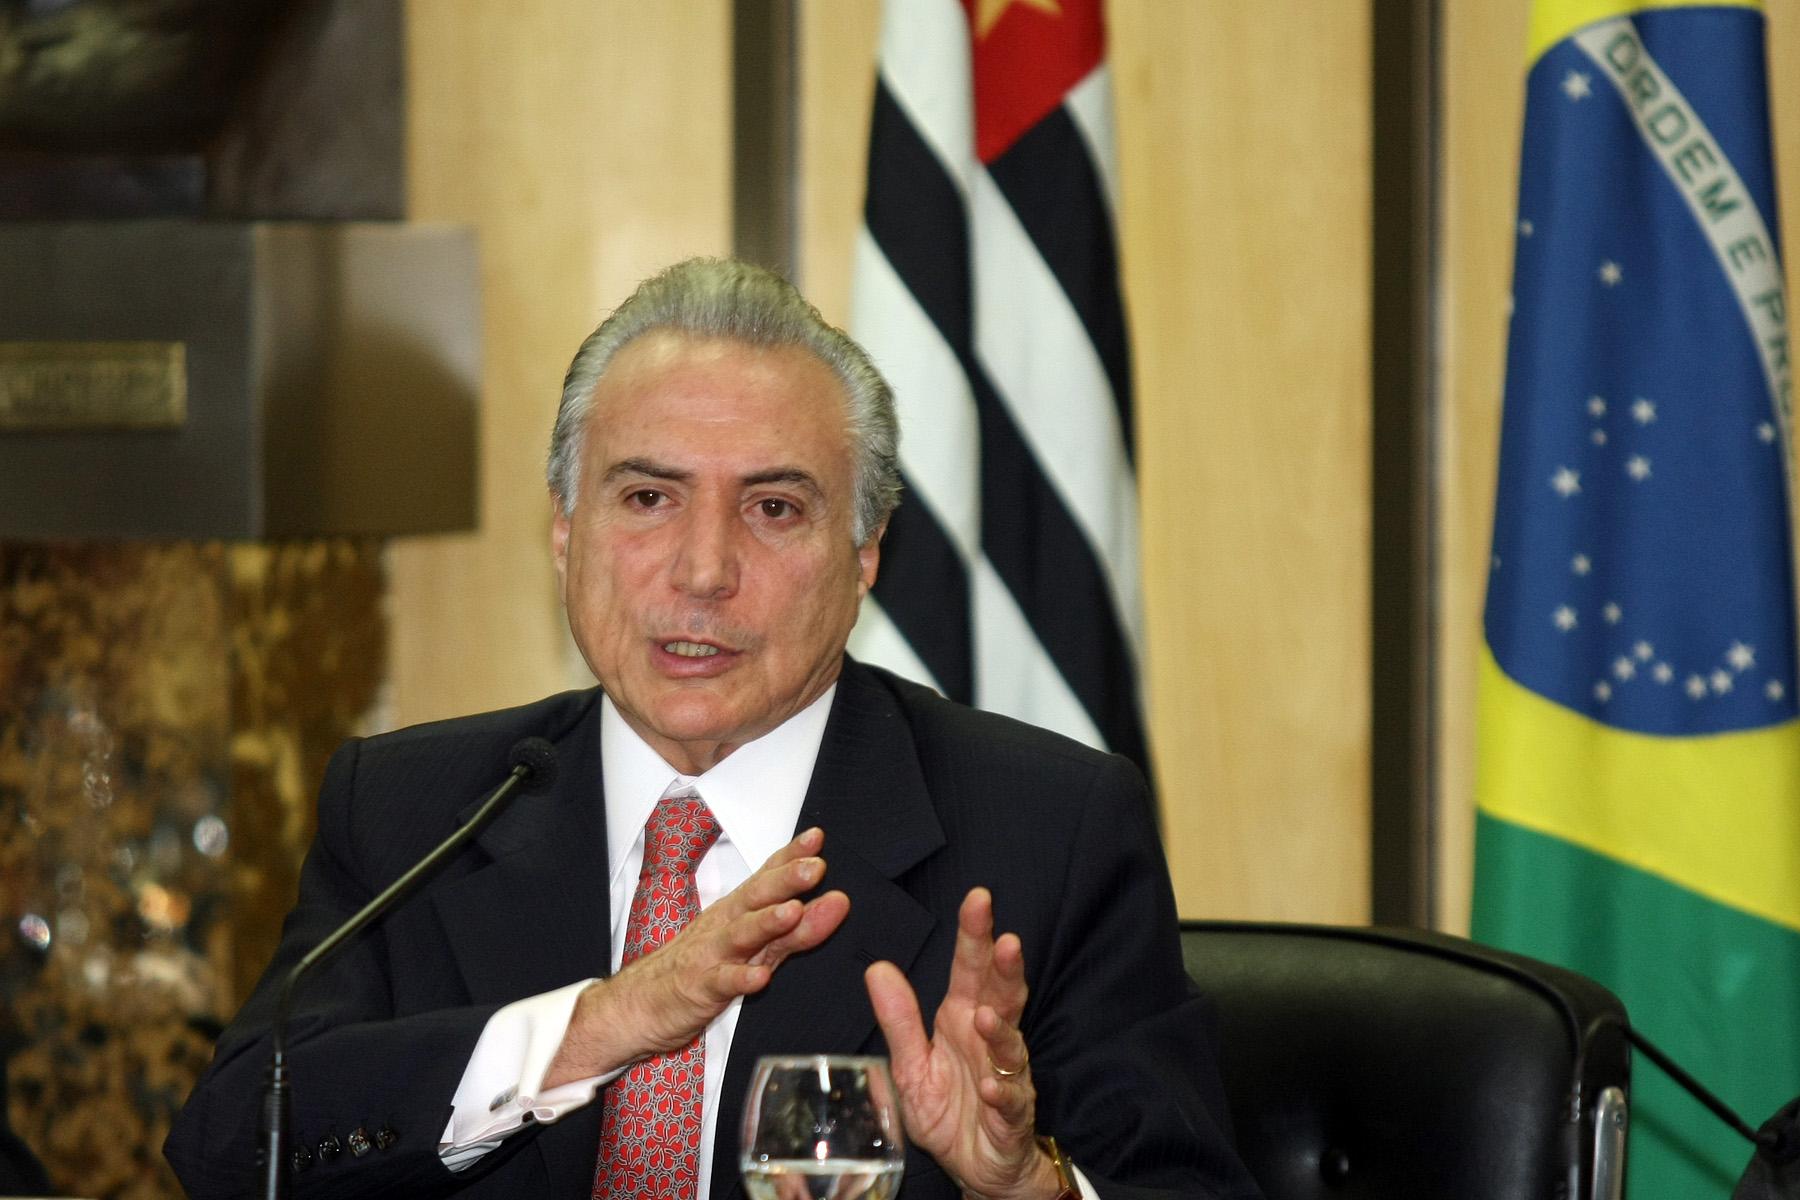 Vicepresidente de Brasil afirma que Rousseff no confía en él ni en su partido